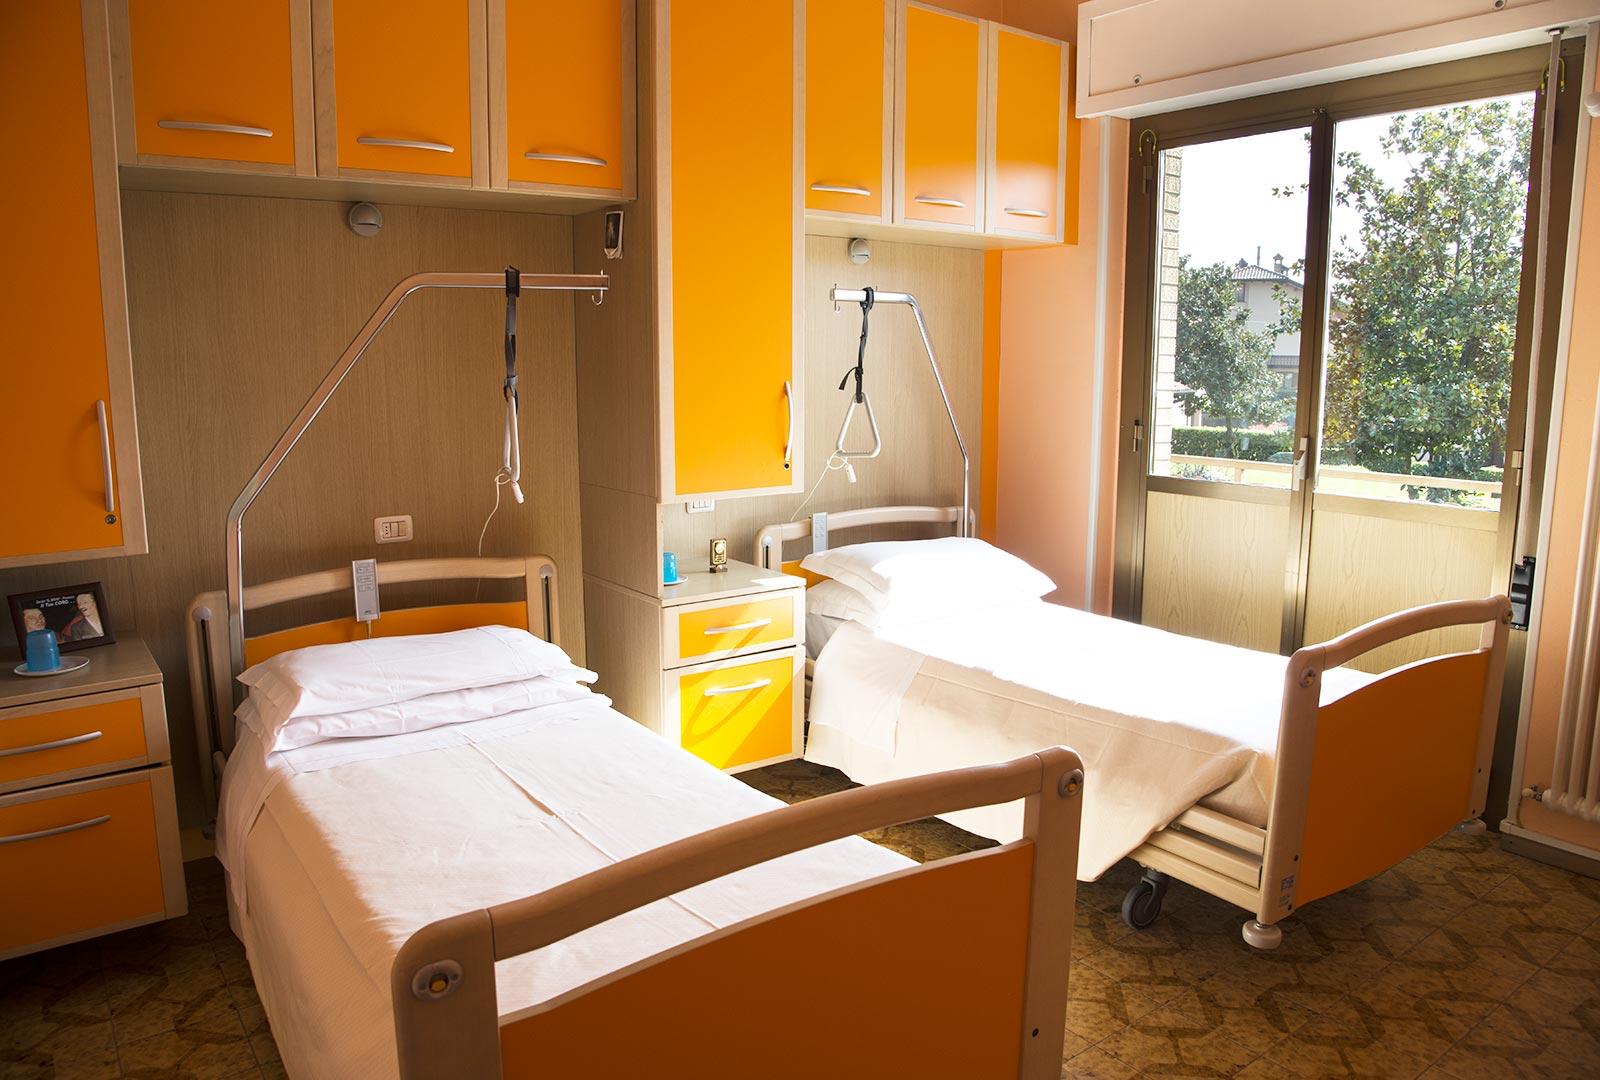 Residenza Sanitaria Assistenziale Istituto San GiuseppeResidenza ...